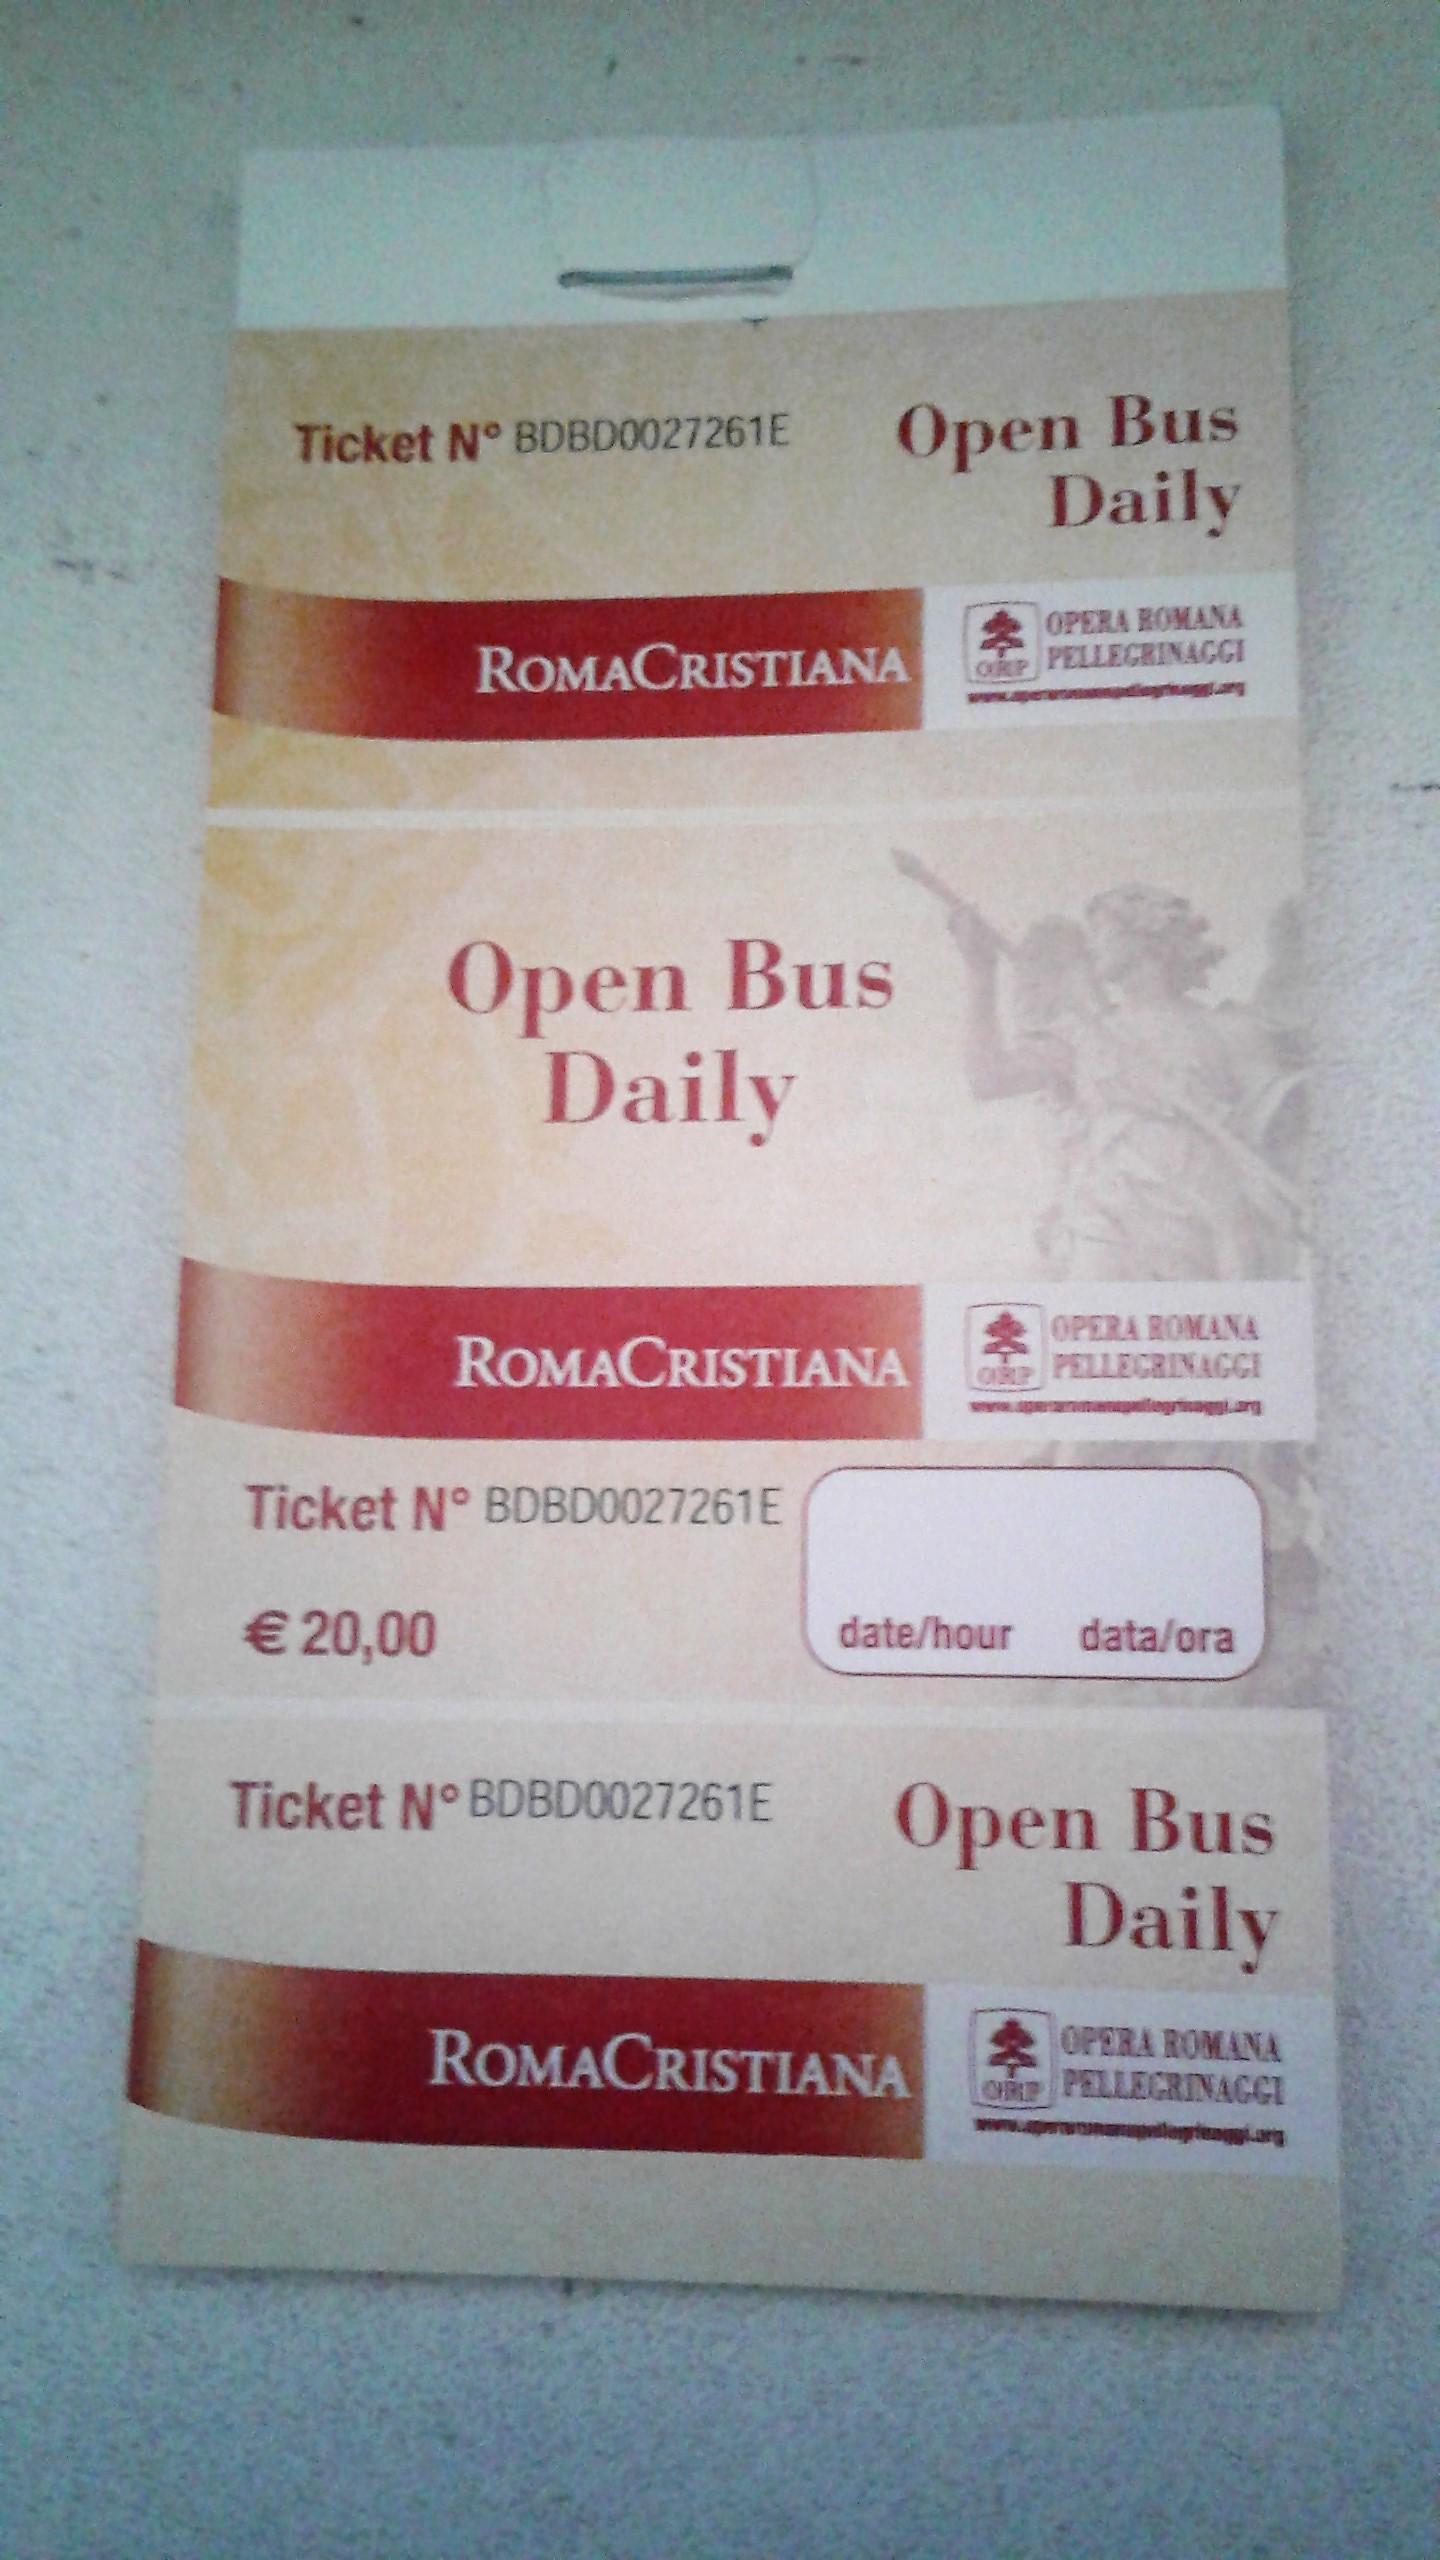 Biglietti Open Bus Opera Romana Pellegrinaggi